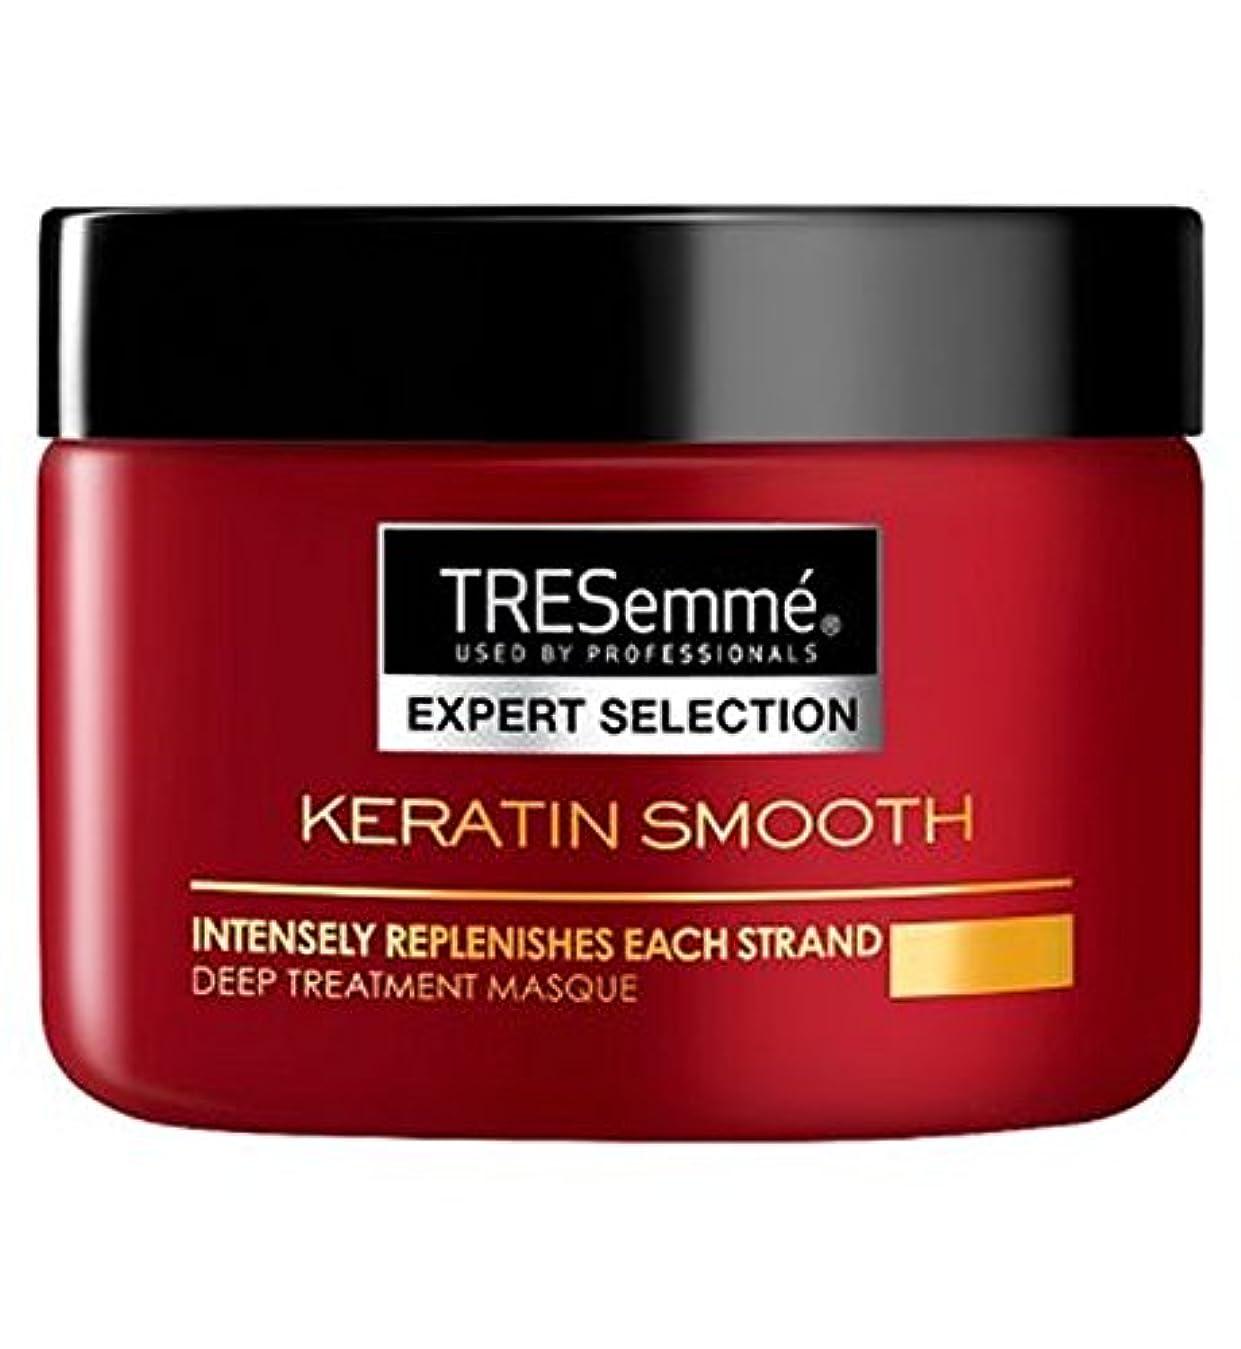 昼食配列ポルトガル語Tresemme Keratin Smooth Deep Treatment Masque 300ml - Tresemmeケラチン滑らかな深い治療の仮面劇の300ミリリットル (Tresemme) [並行輸入品]